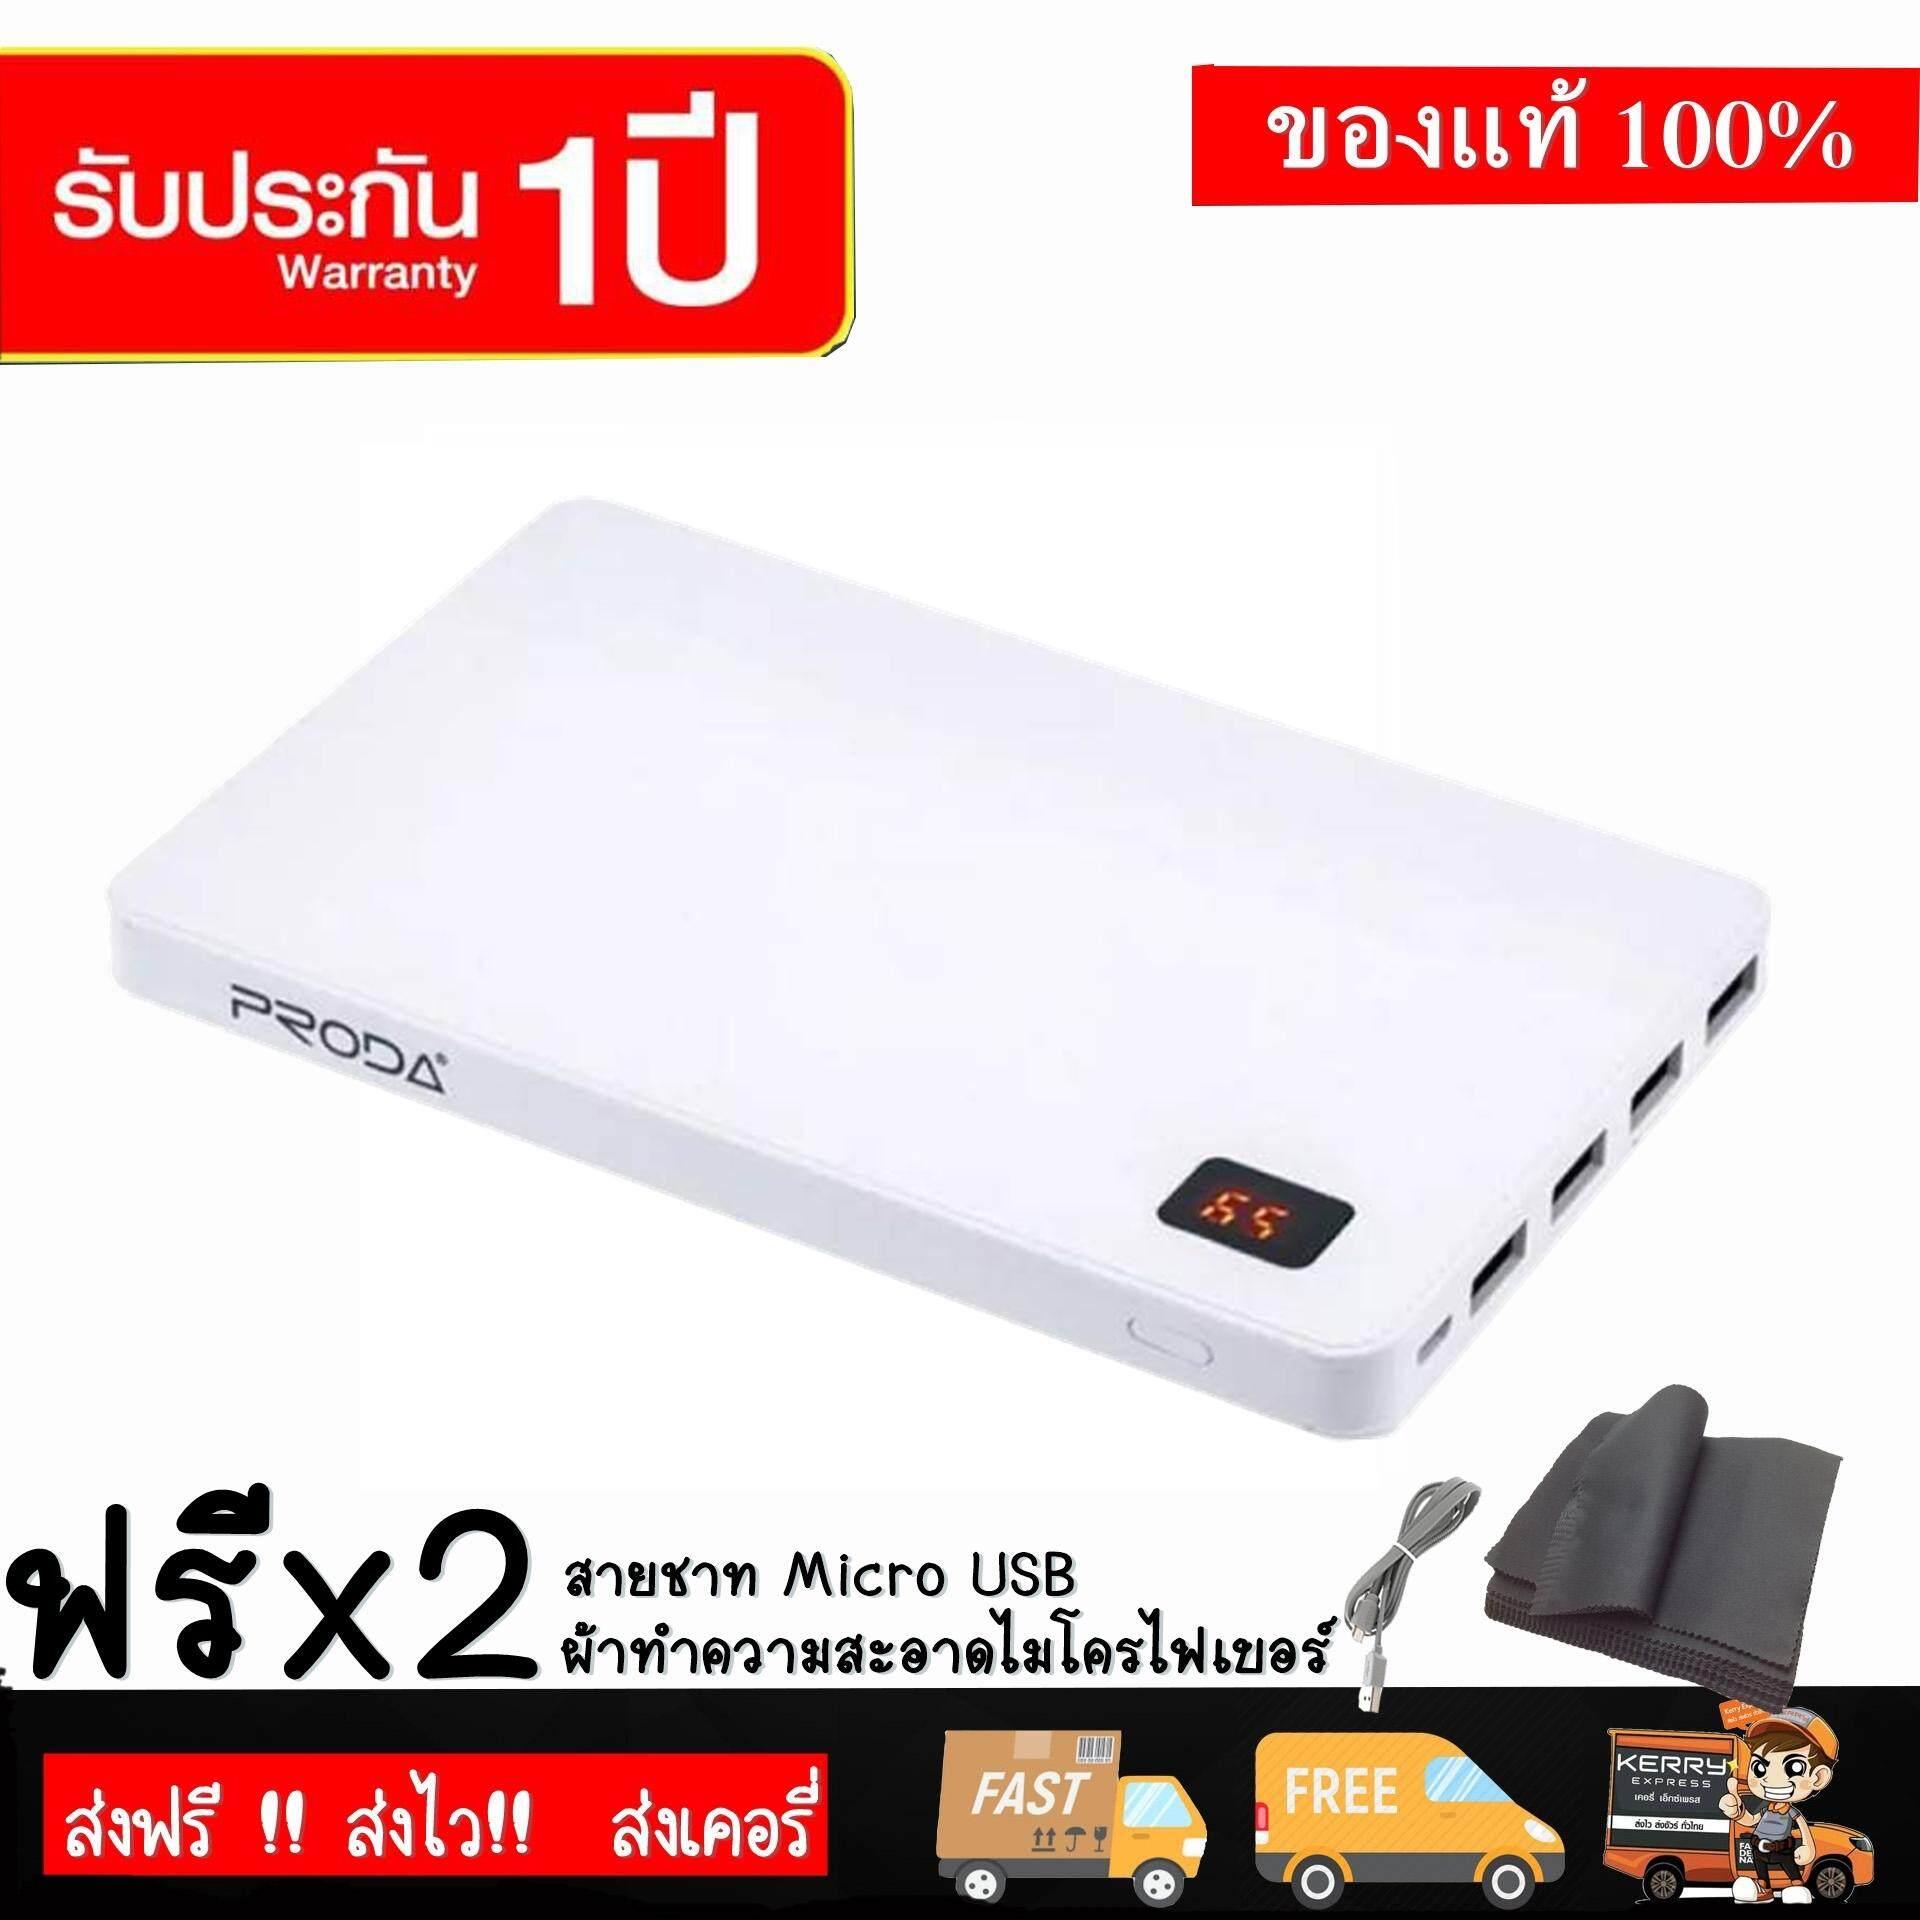 (พร้อมใบรับประกันแท้) Remax Proda 30000 mAh Power Bank ของแท้ 100% 4 Port รุ่น Notebook (ประกัน 1ปี)